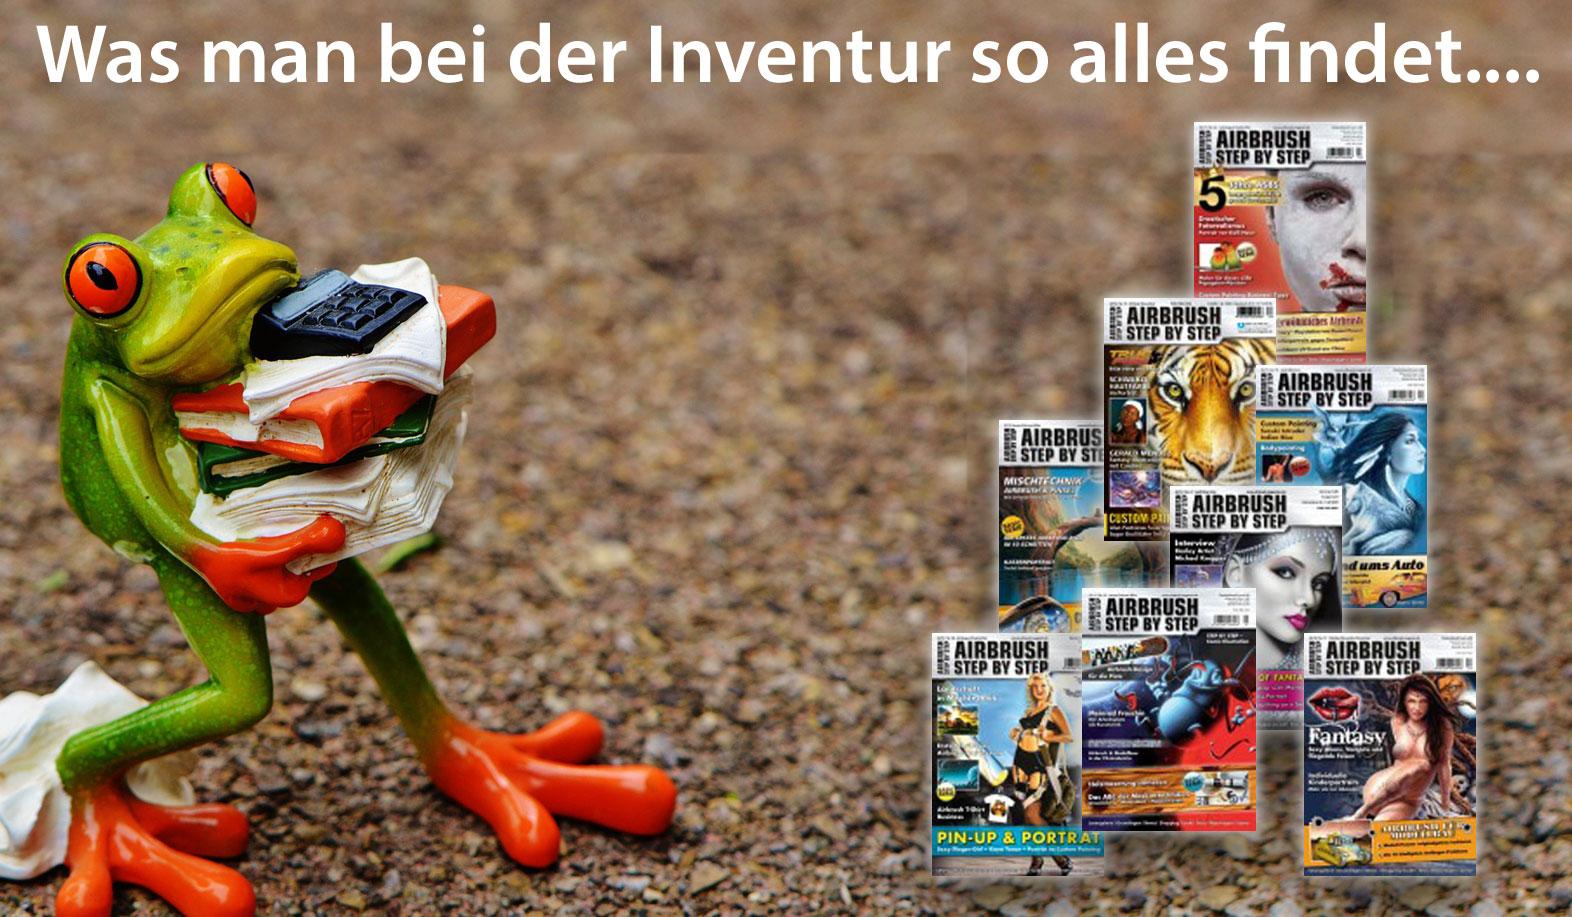 Letzte Hefte und Bundles aus den Jahren 2008-2015 erhältlich